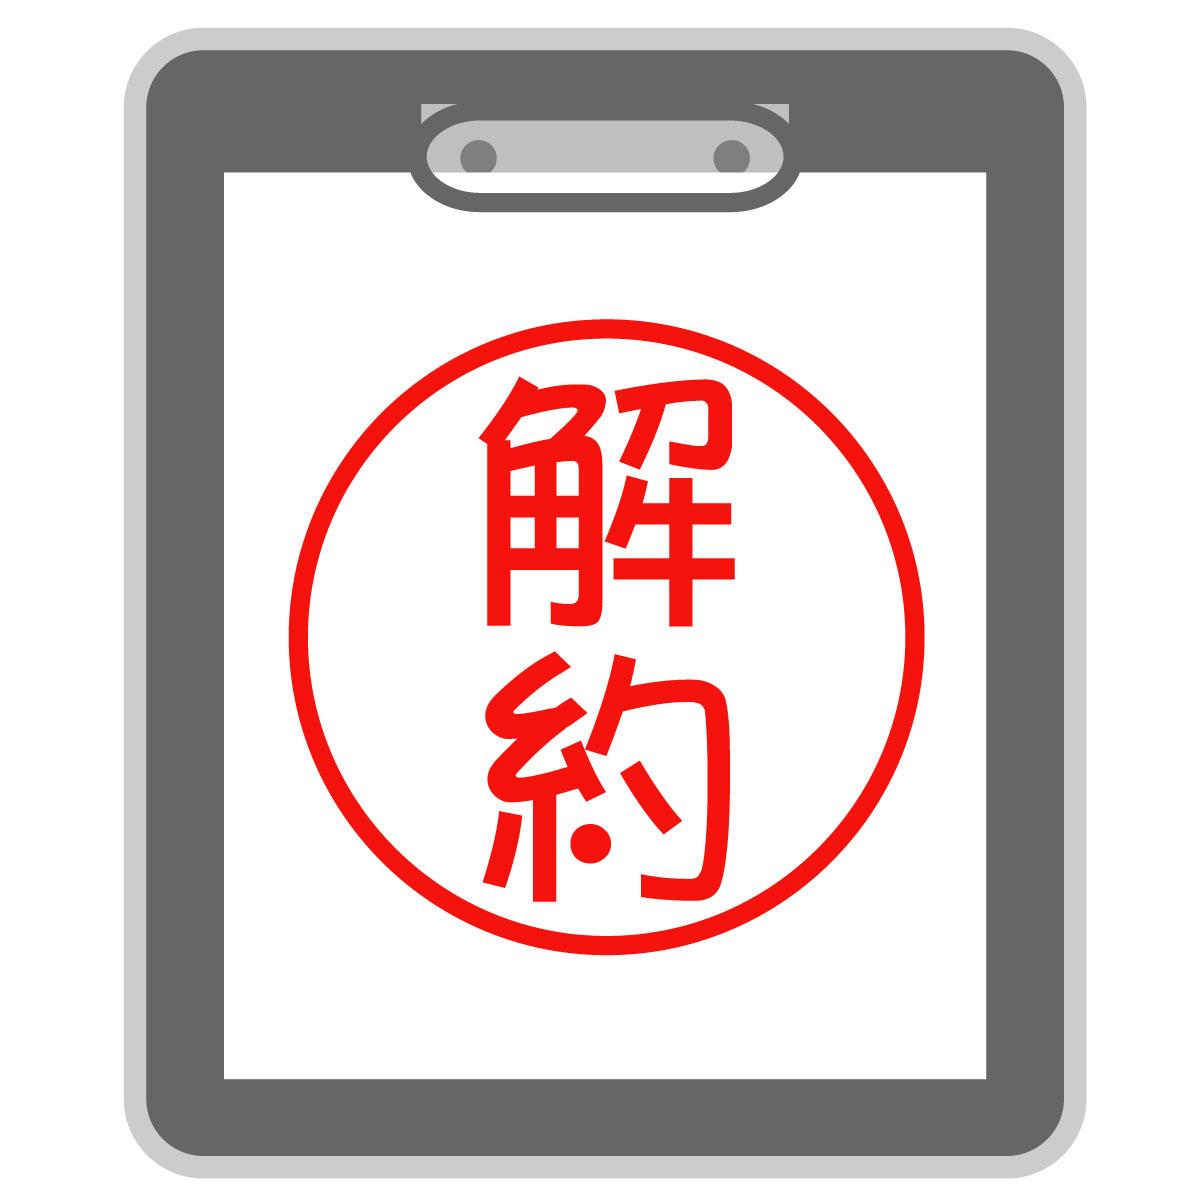 解約ボタンが押された書類の画像